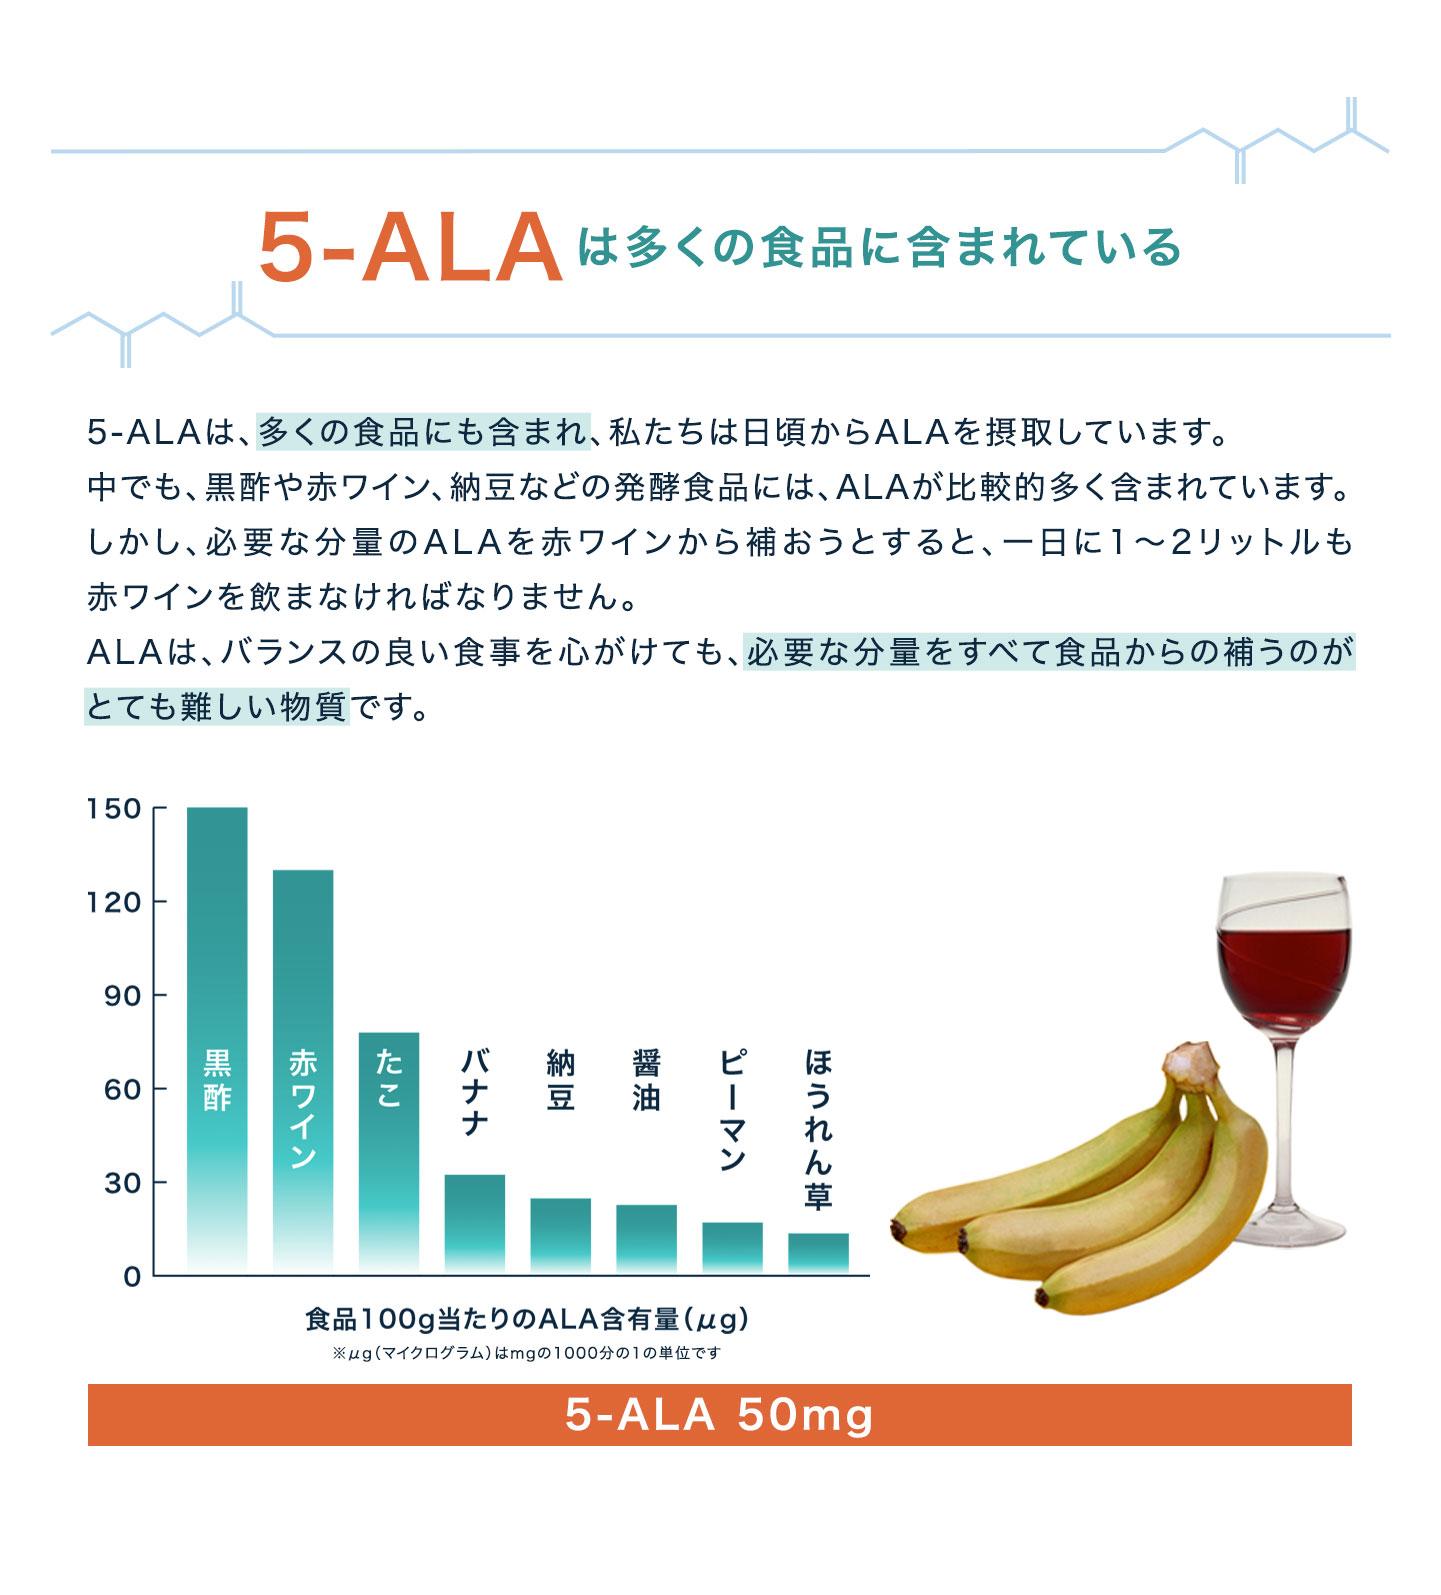 5-ALAは多くの食品に含まれている